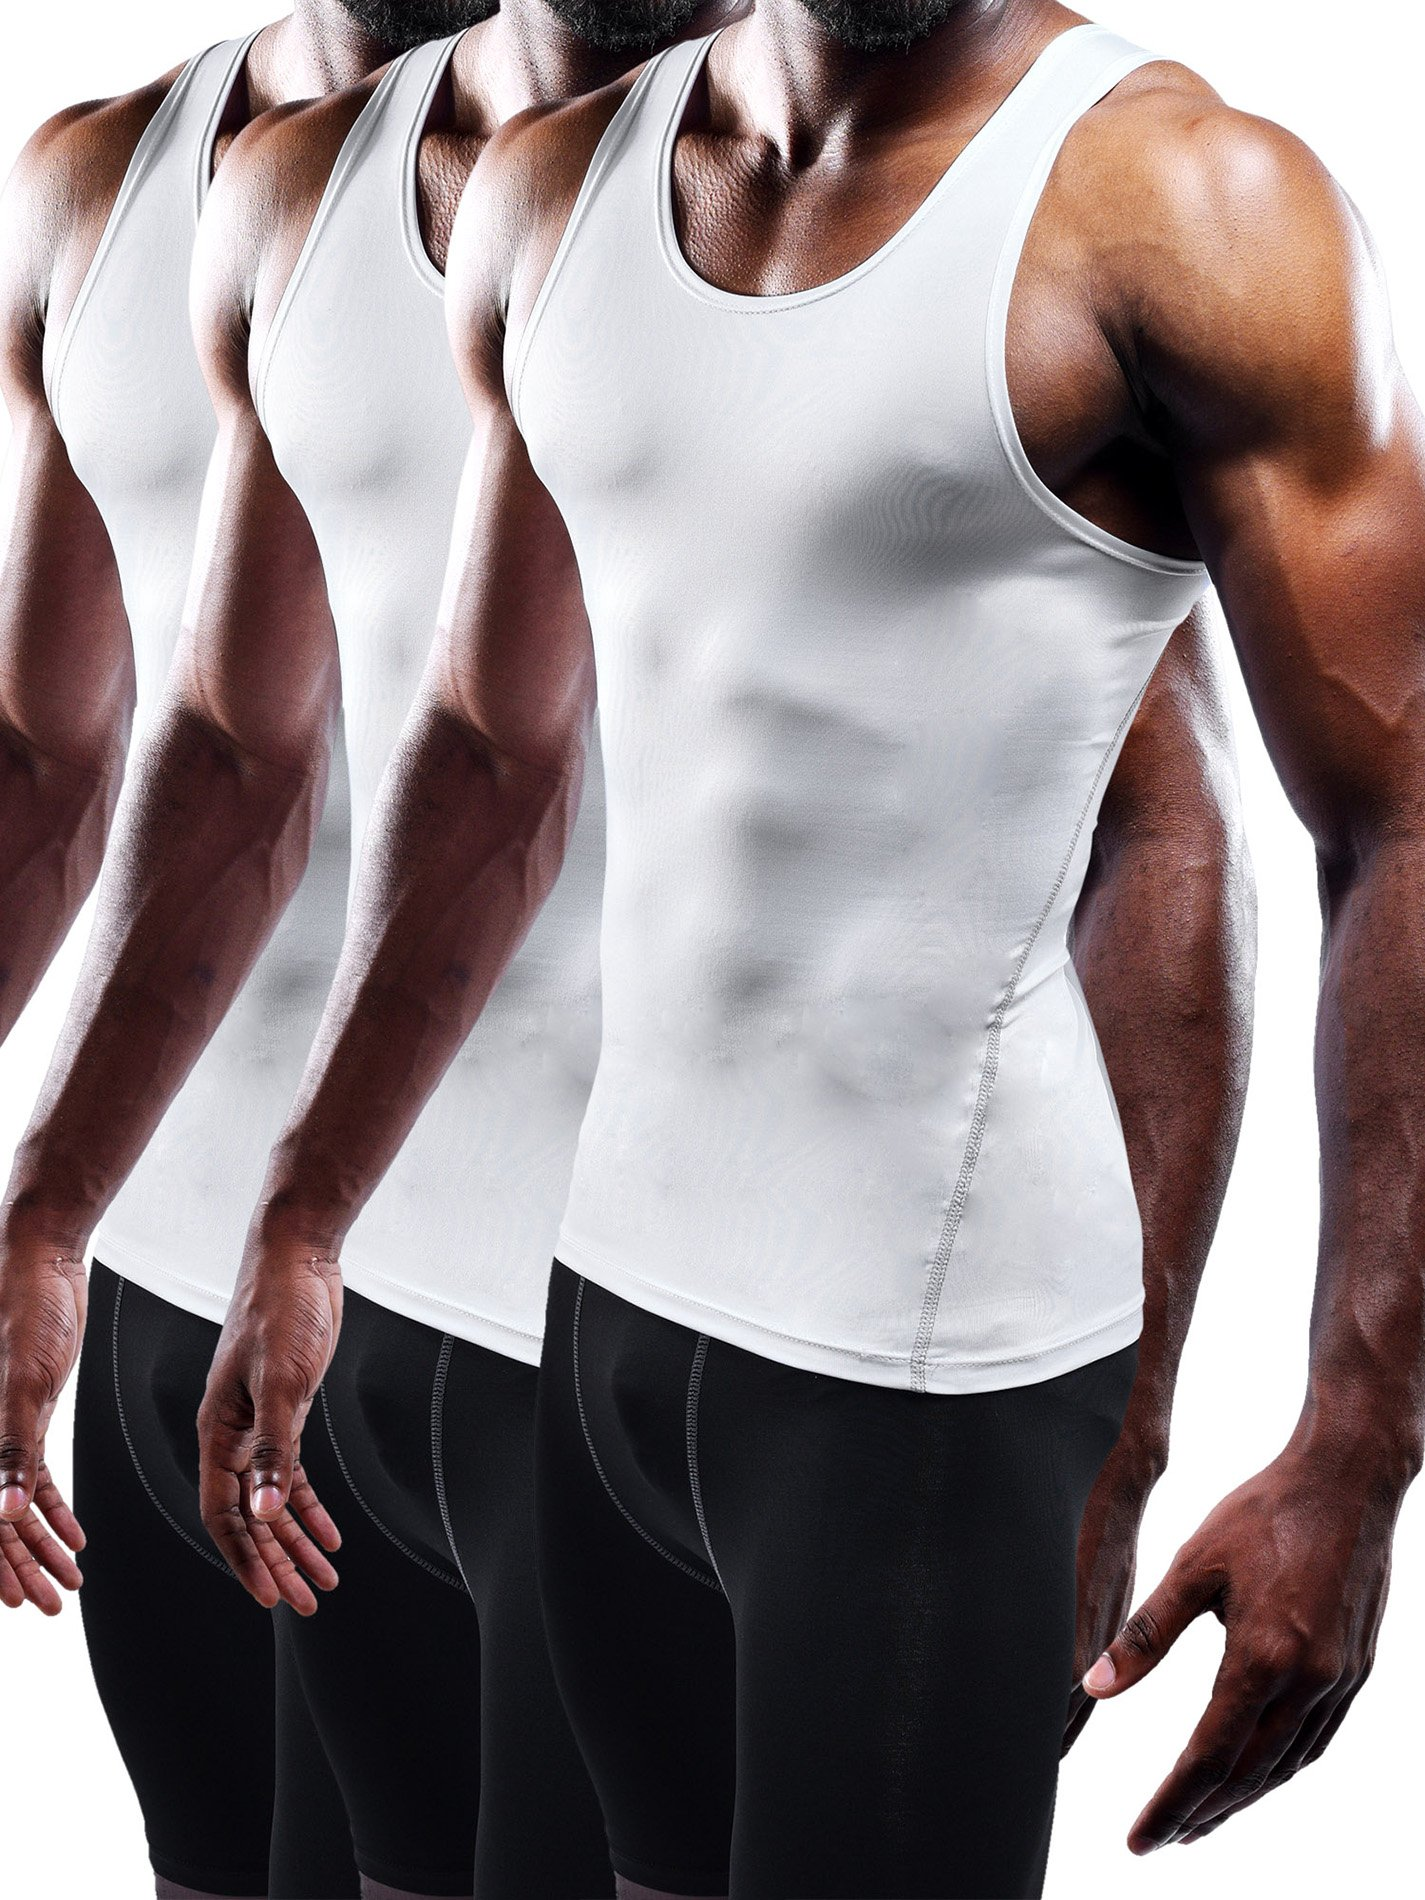 Neleus Men's Athletic 3 Pack Compression Tank Top Dry Fit Undershirts,White,2XL,EUR 3XL by Neleus